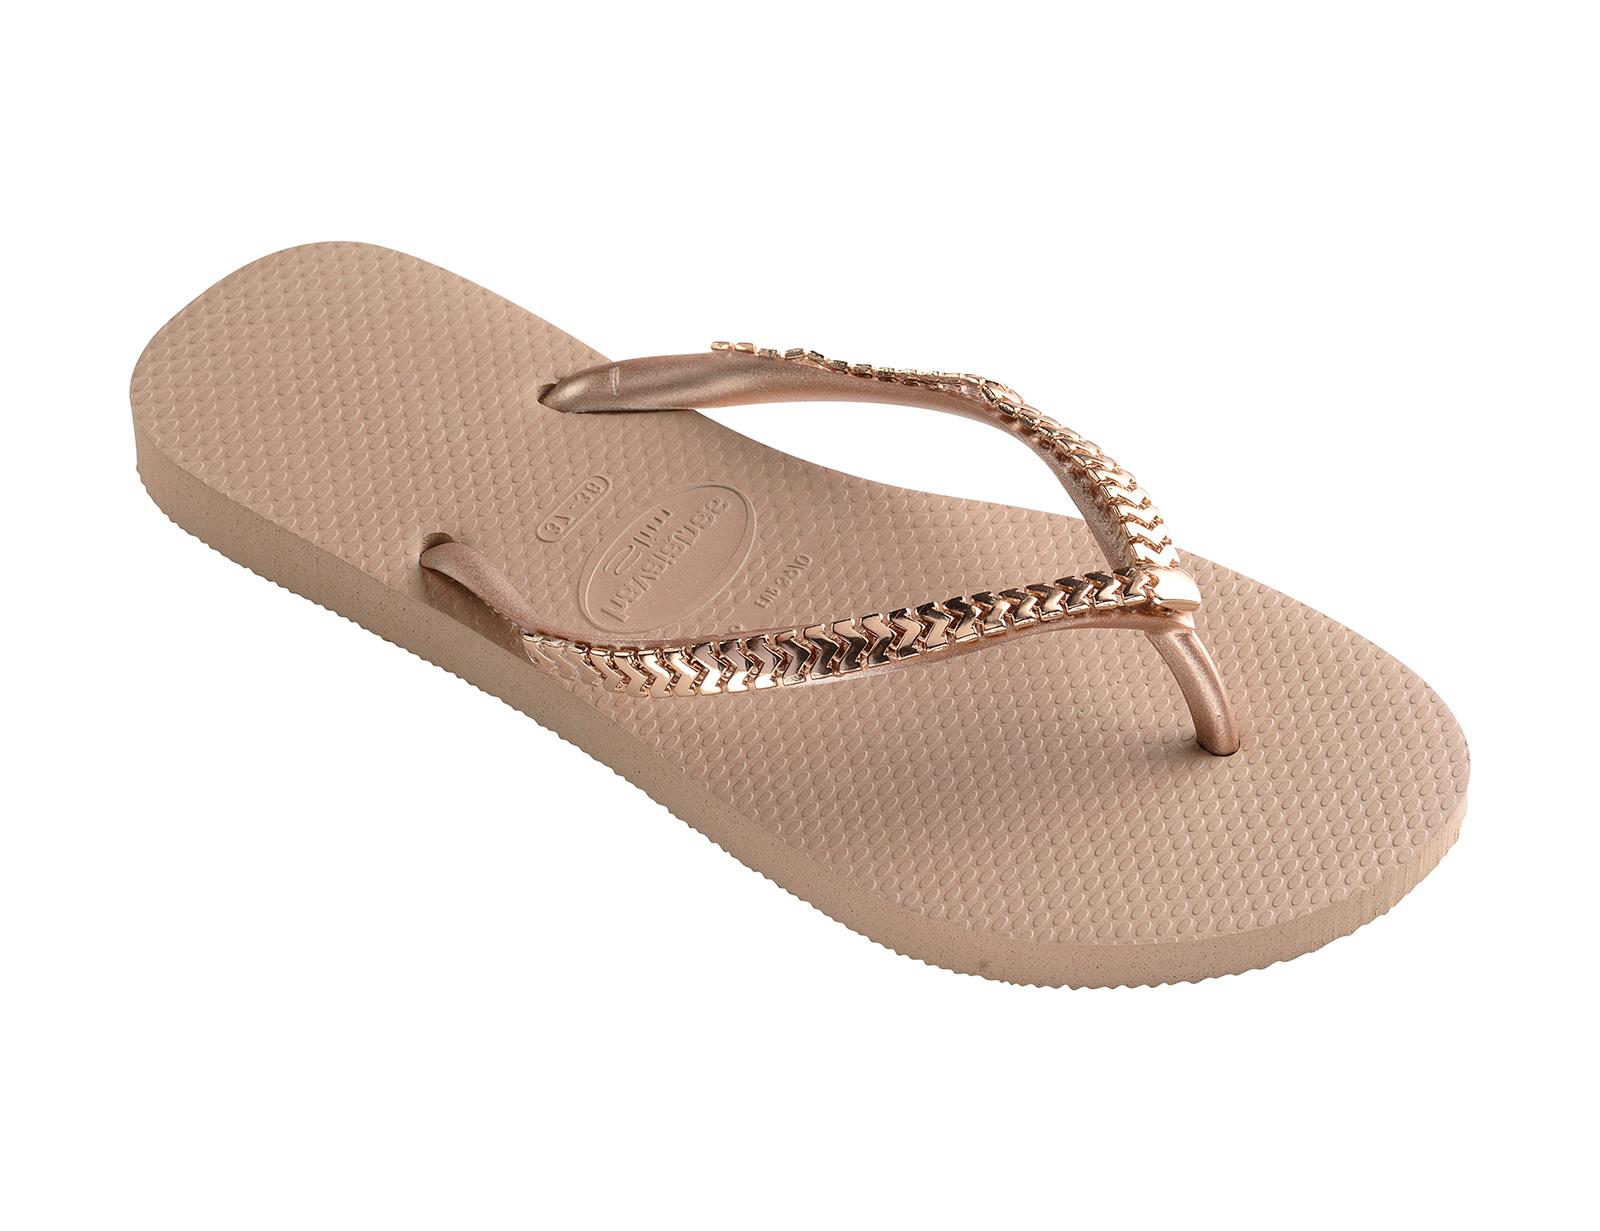 Havaianas Flip-Flops With Metallic Pink Gold Straps - Slim Metal Grega Rose Gold-4576